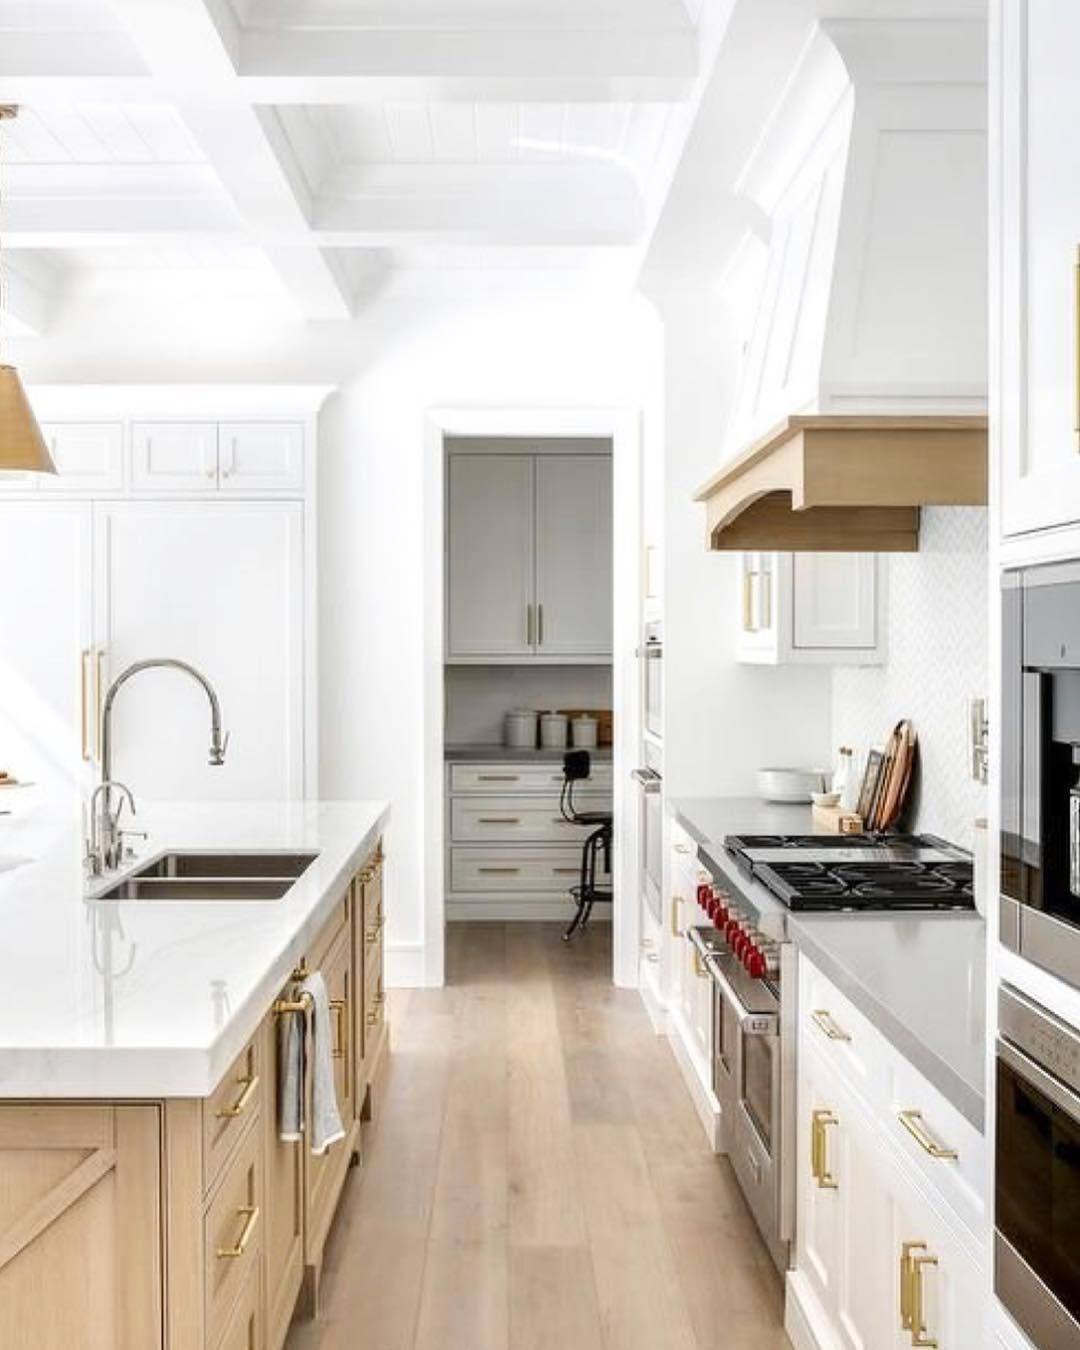 Real Estate Investing On Instagram Monday Mood What S For Dinner Kitchen Inspo Pinterest White Oak Kitchen Kitchen Design Oak Kitchen